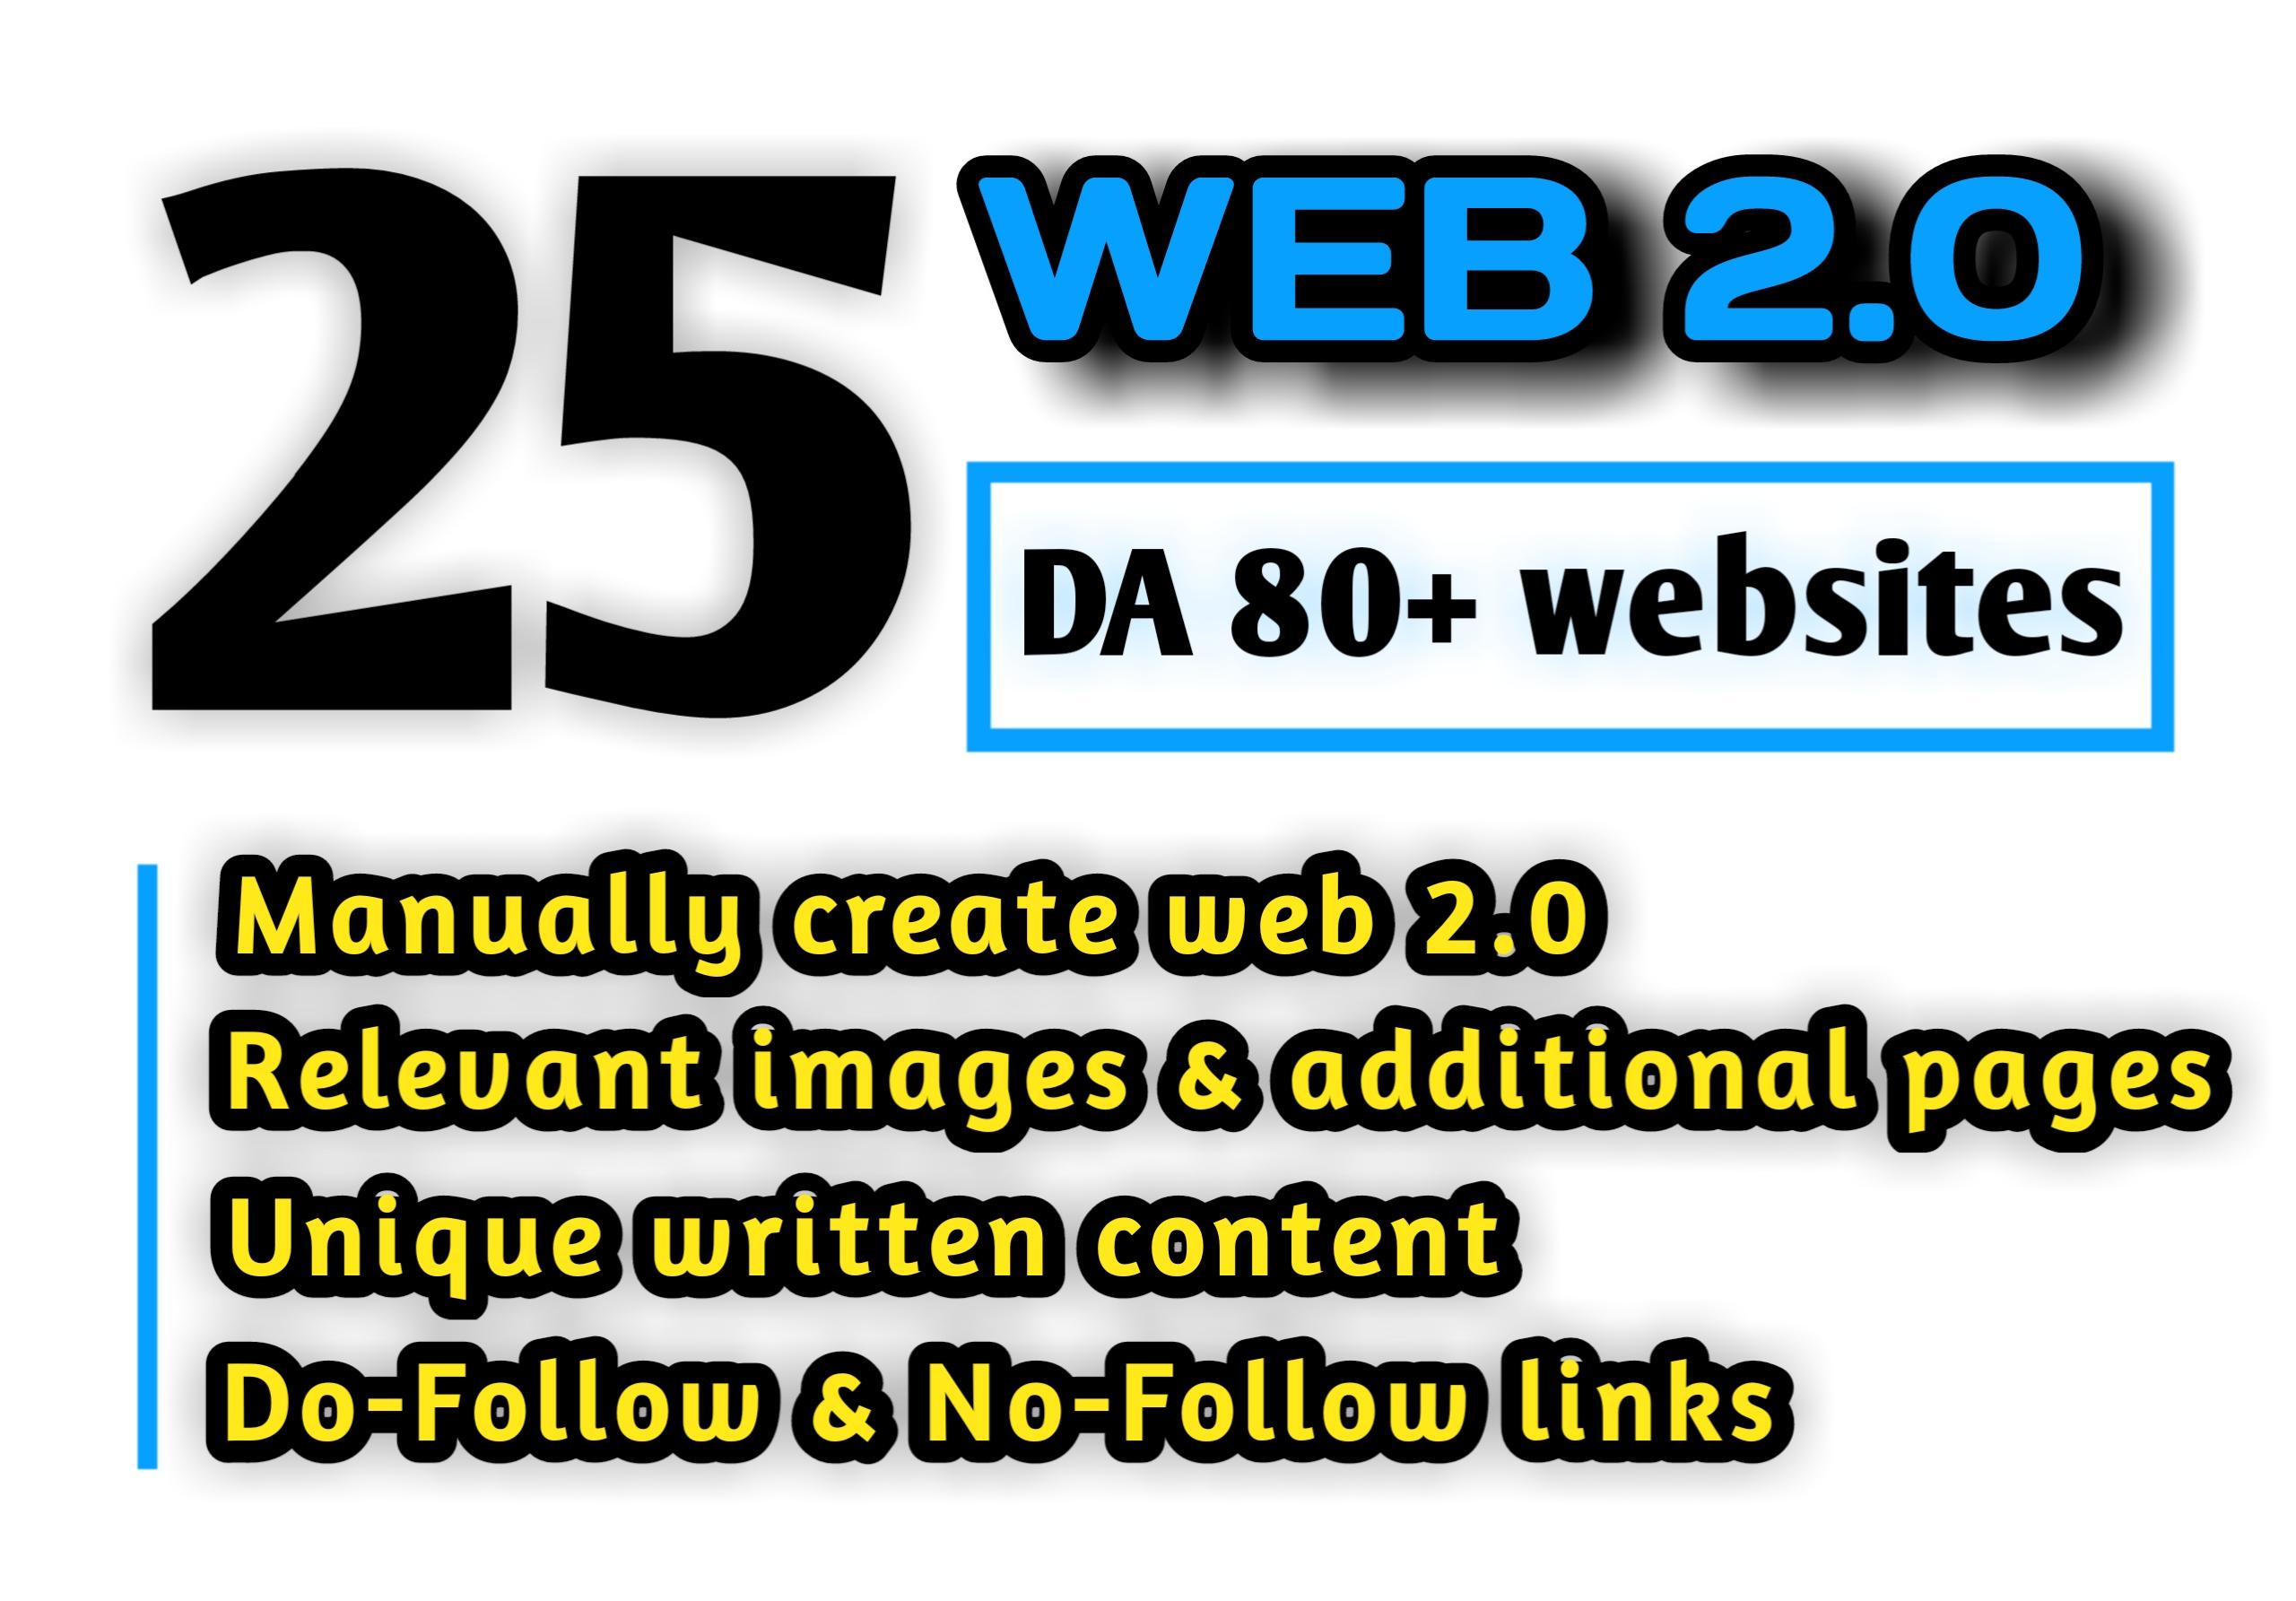 25 HQ DA 80+ WEB 2.0 BACKLINKS